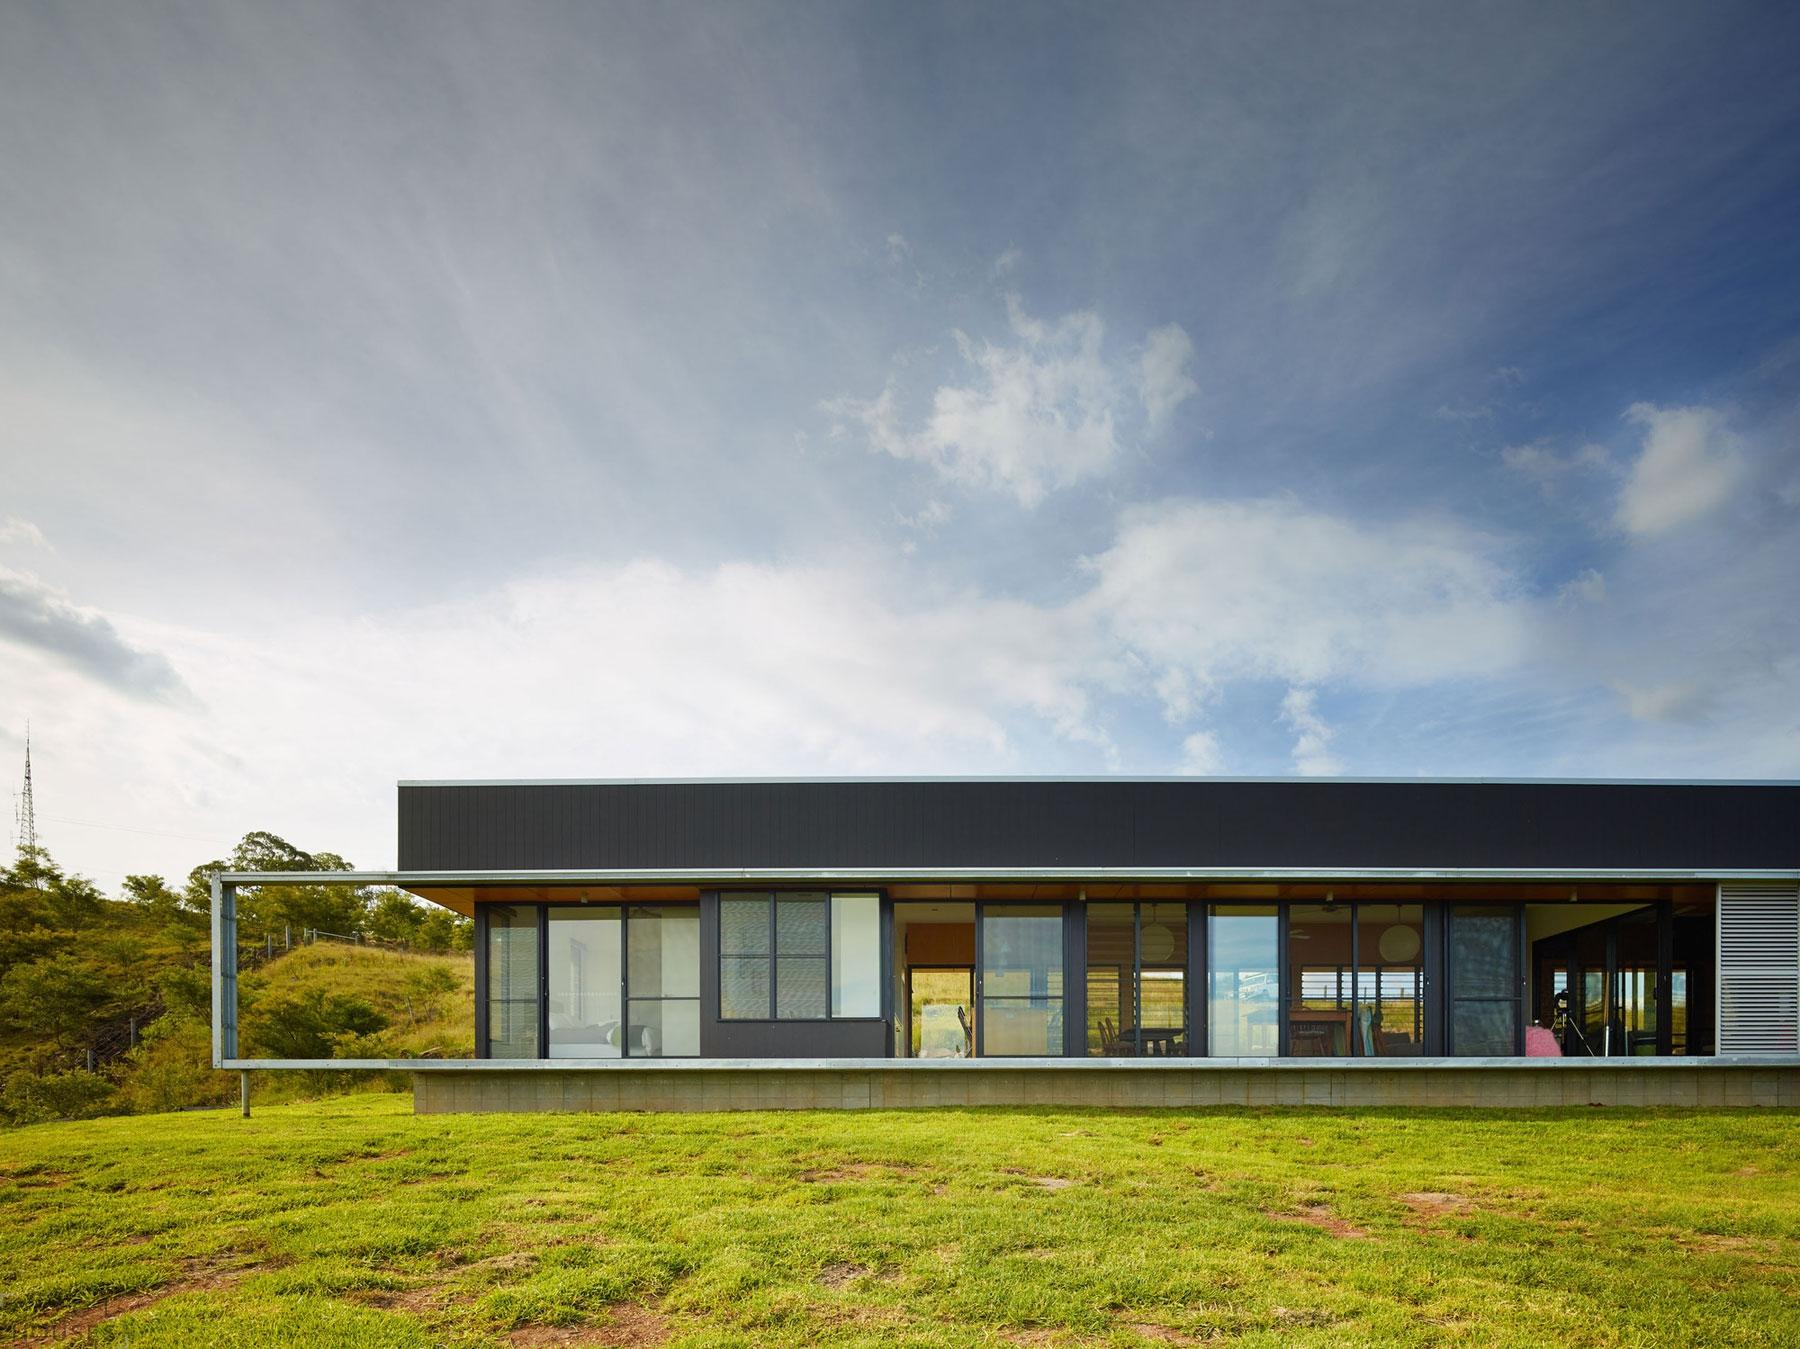 Одноэтажный частный особняк Boonah в Квинсленде, Австралия